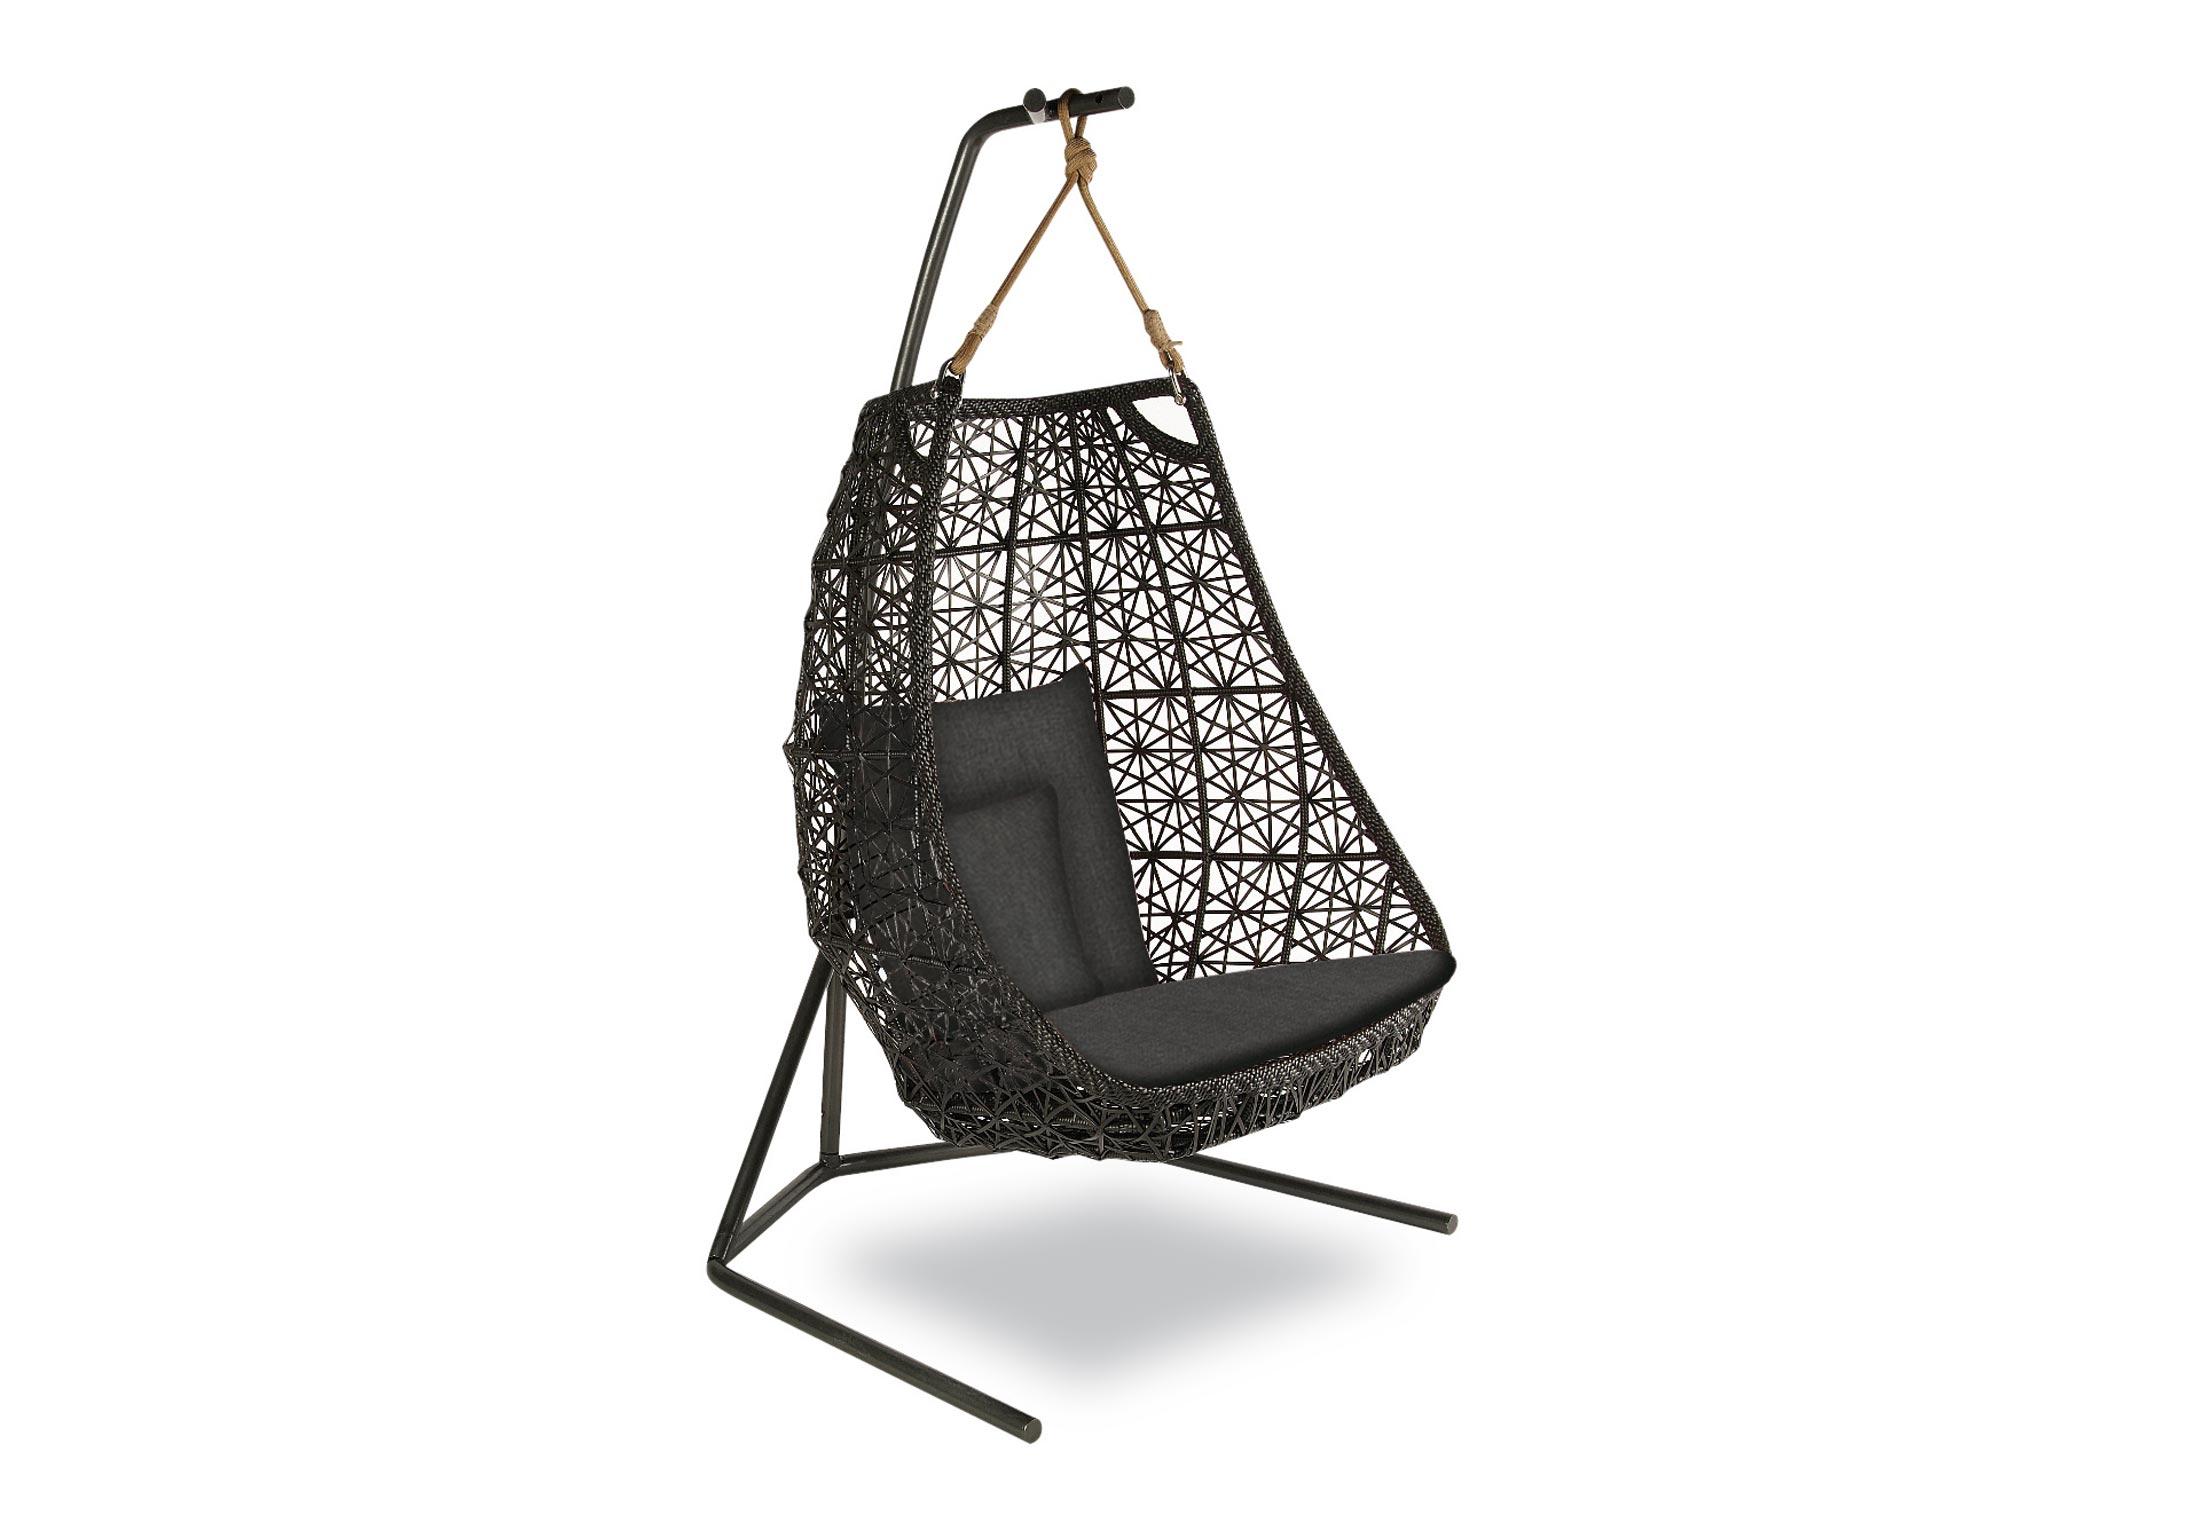 Maia Swing By Kettal Stylepark